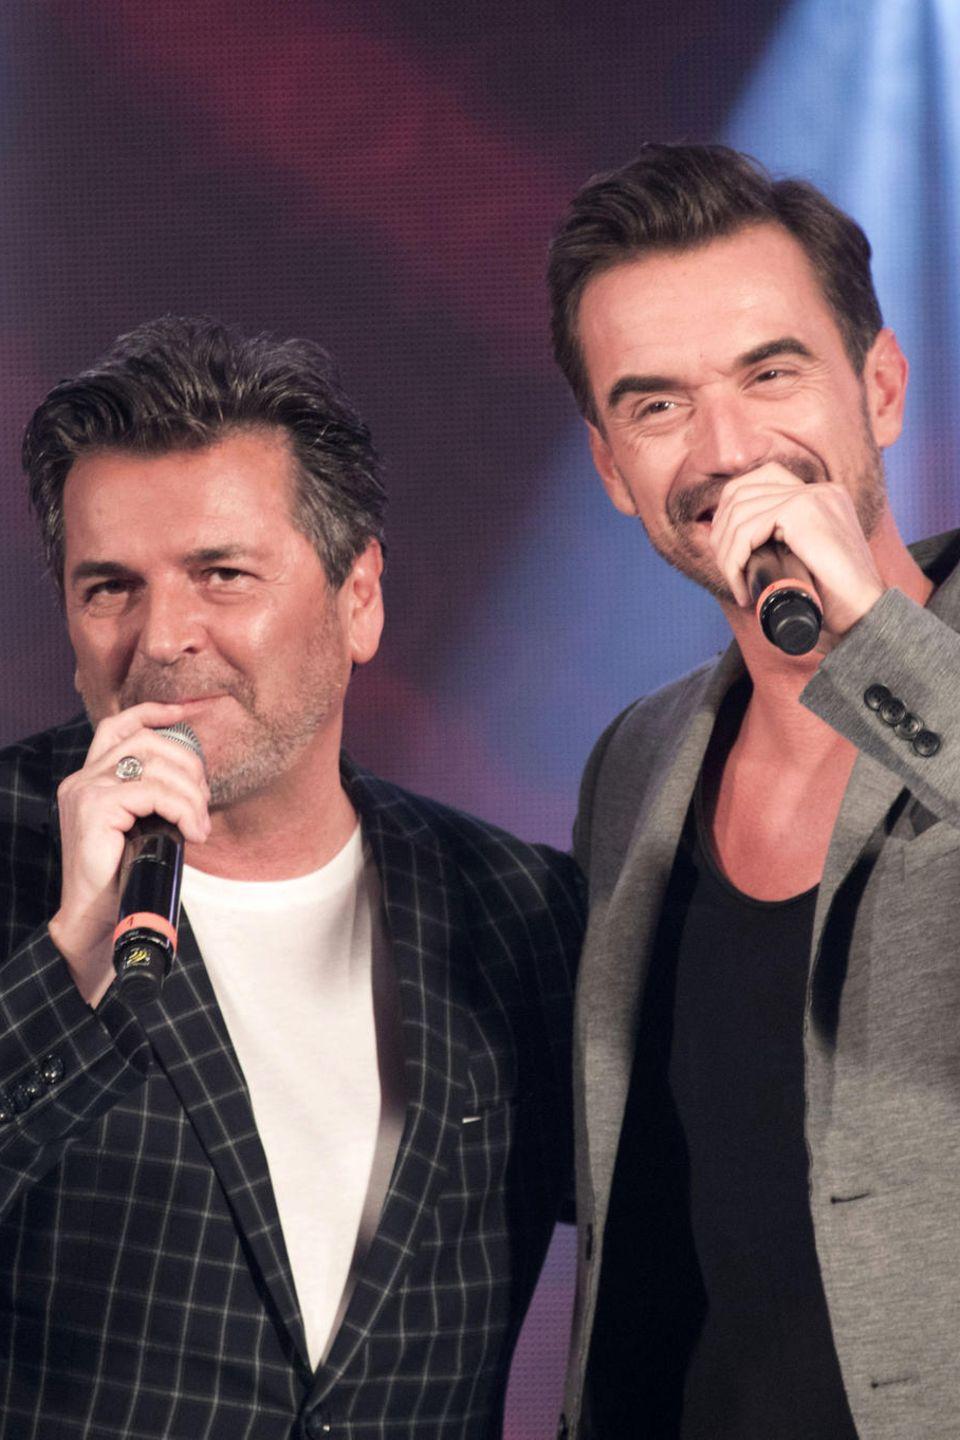 Thomas Anders, Florian Silbereisen